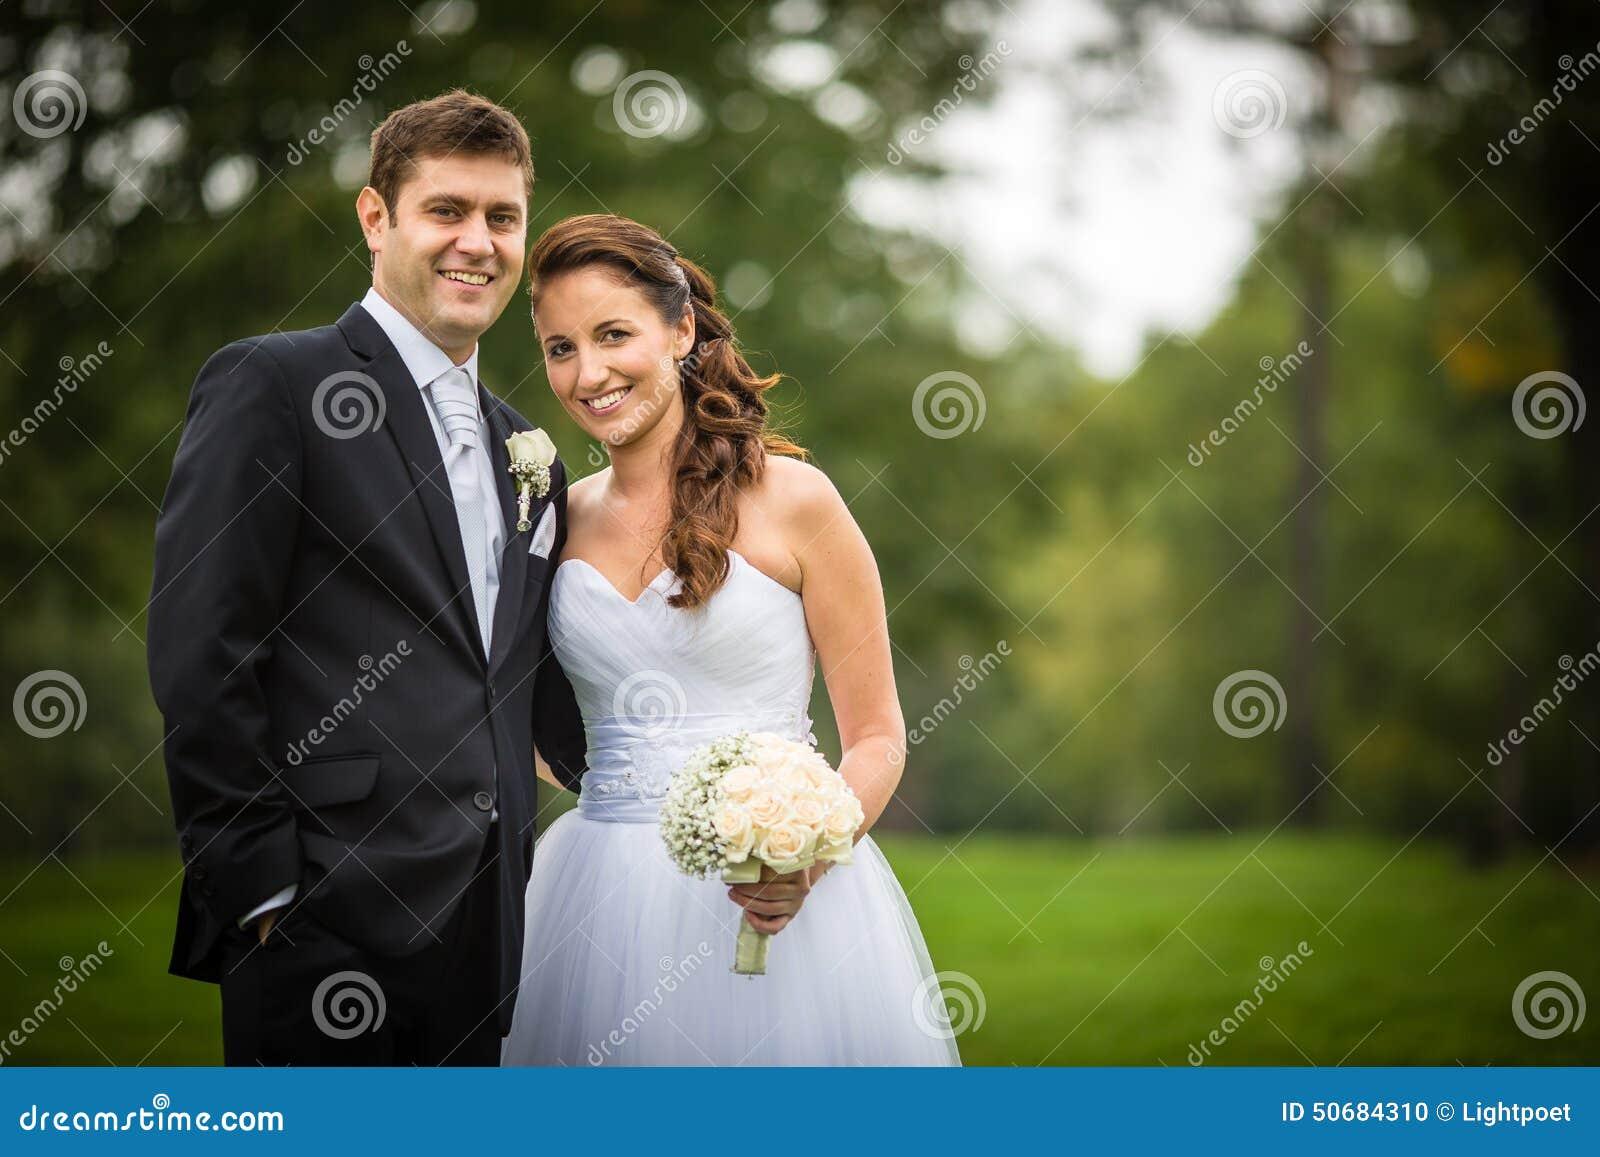 Matrimonio O Que é : Pareja apenas casada joven de la boda en un parque foto